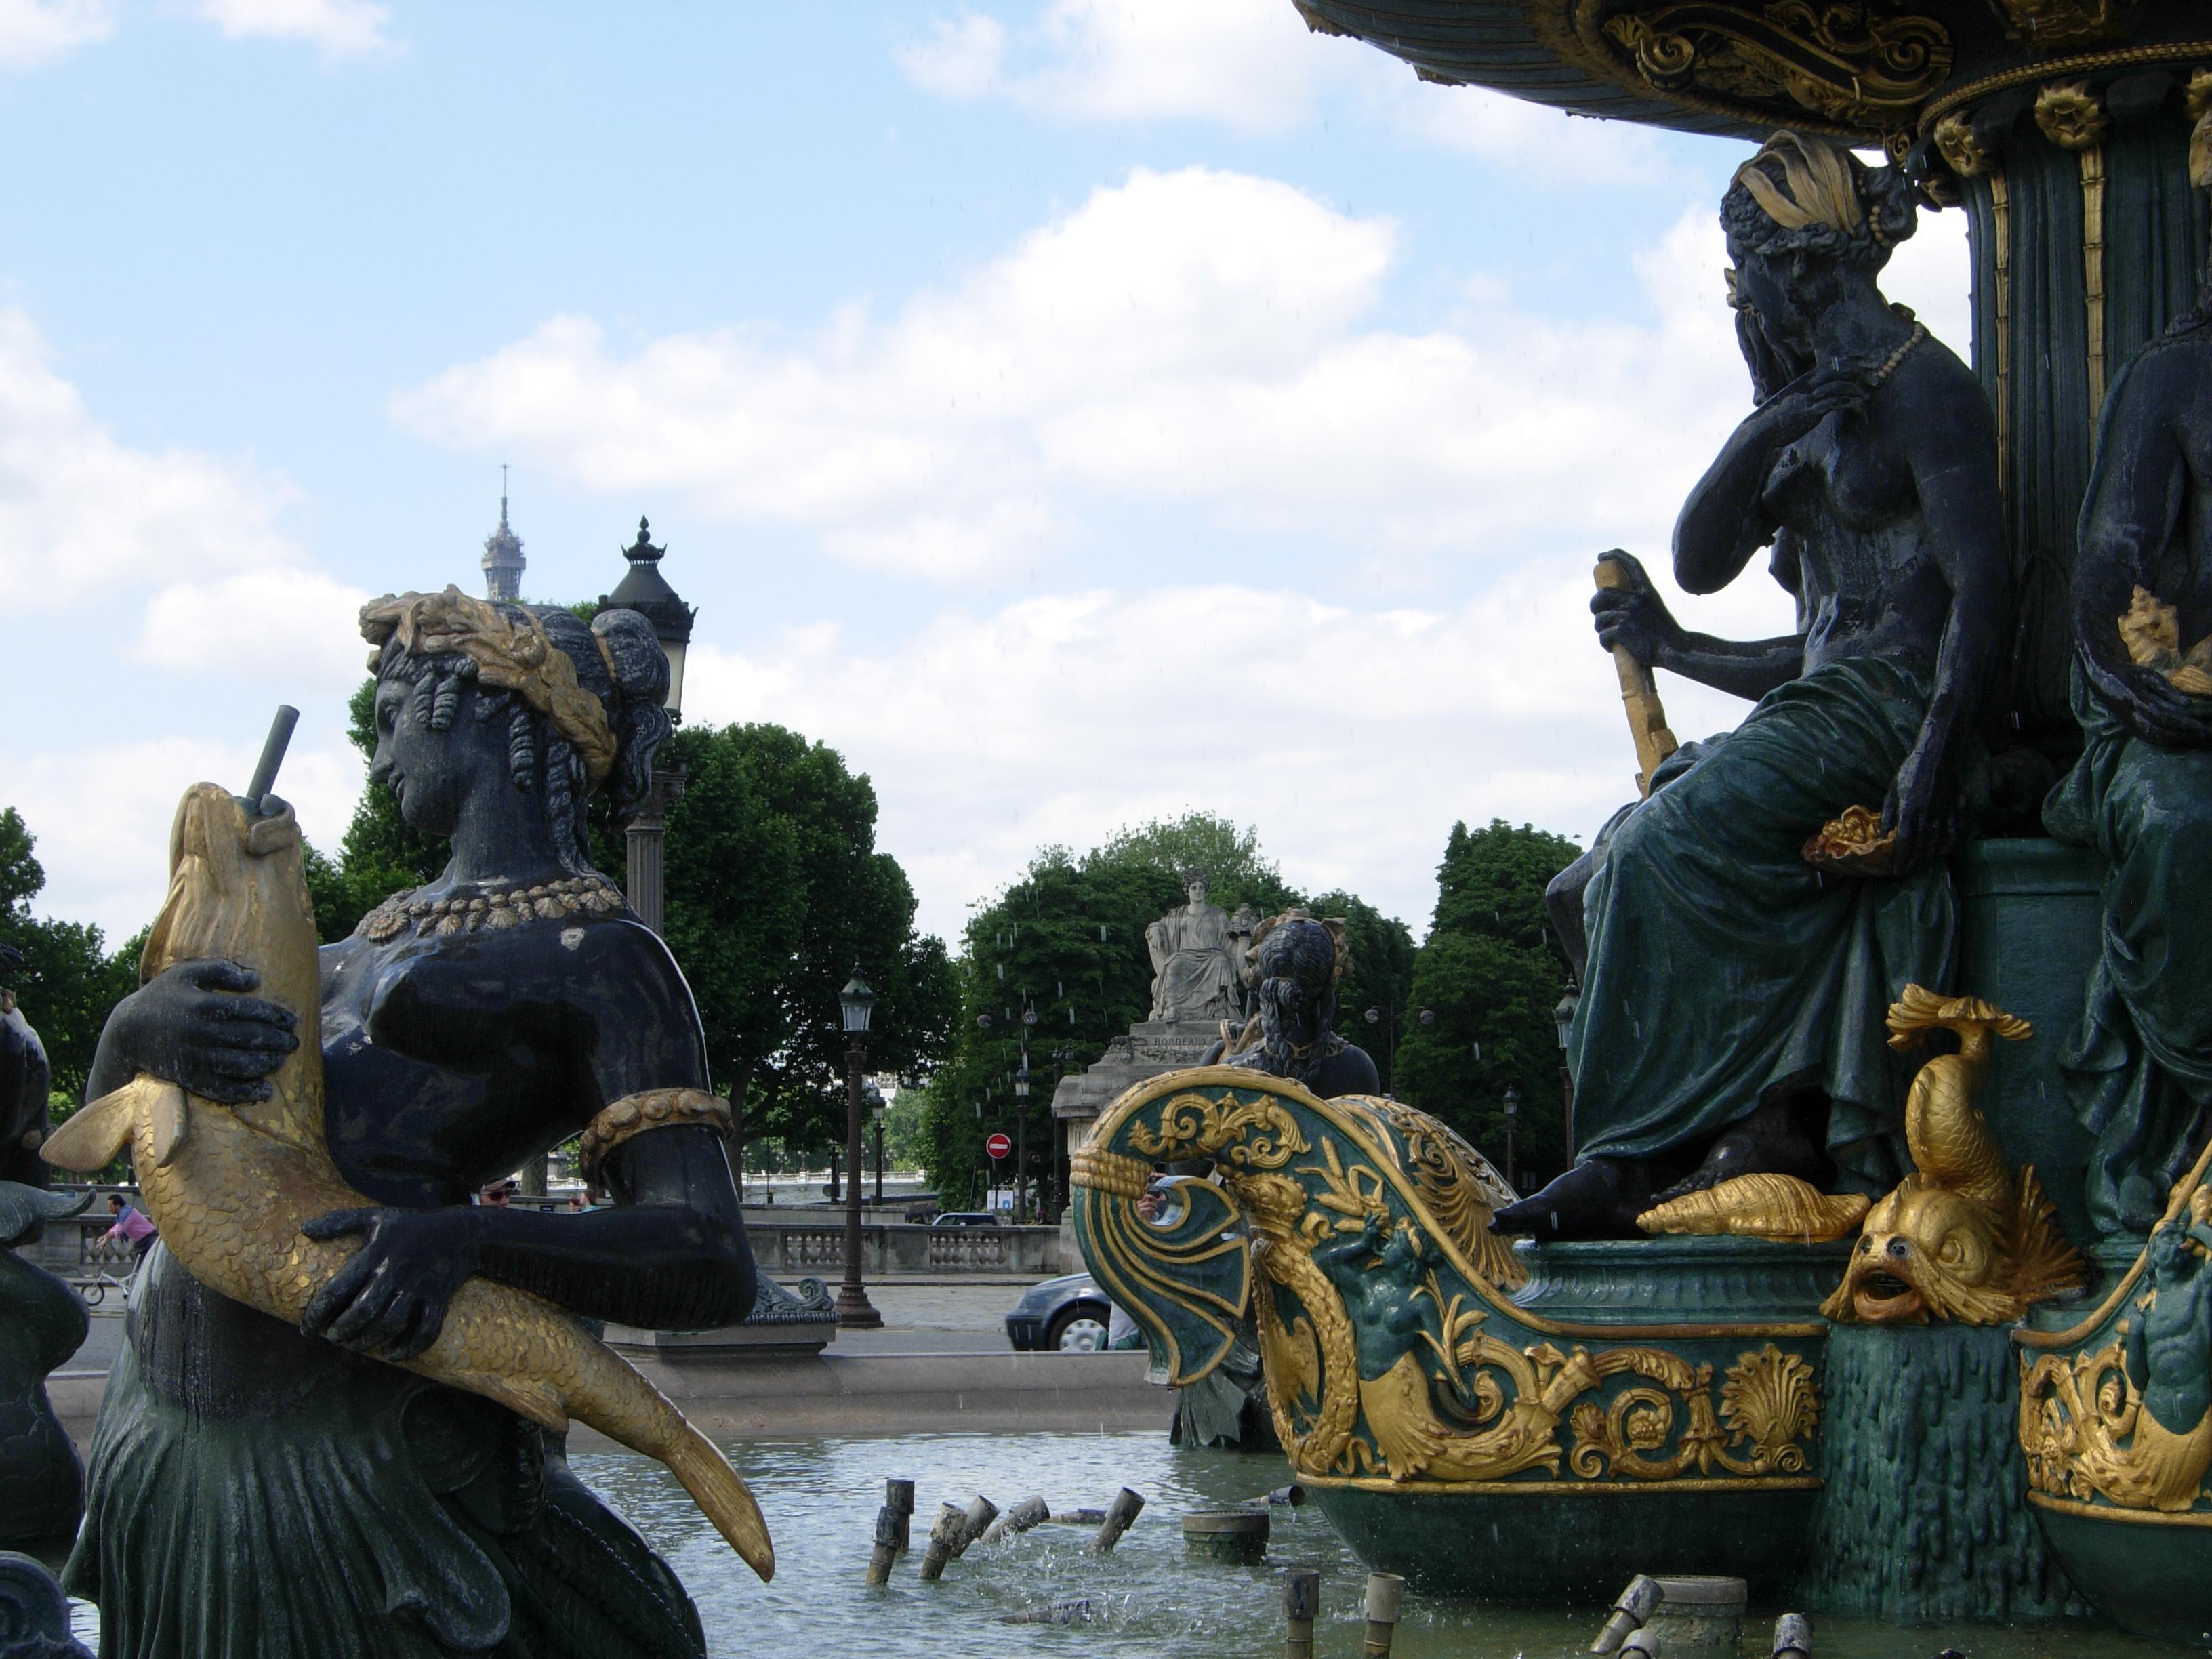 文化巴黎的魅力——街景_图1-14